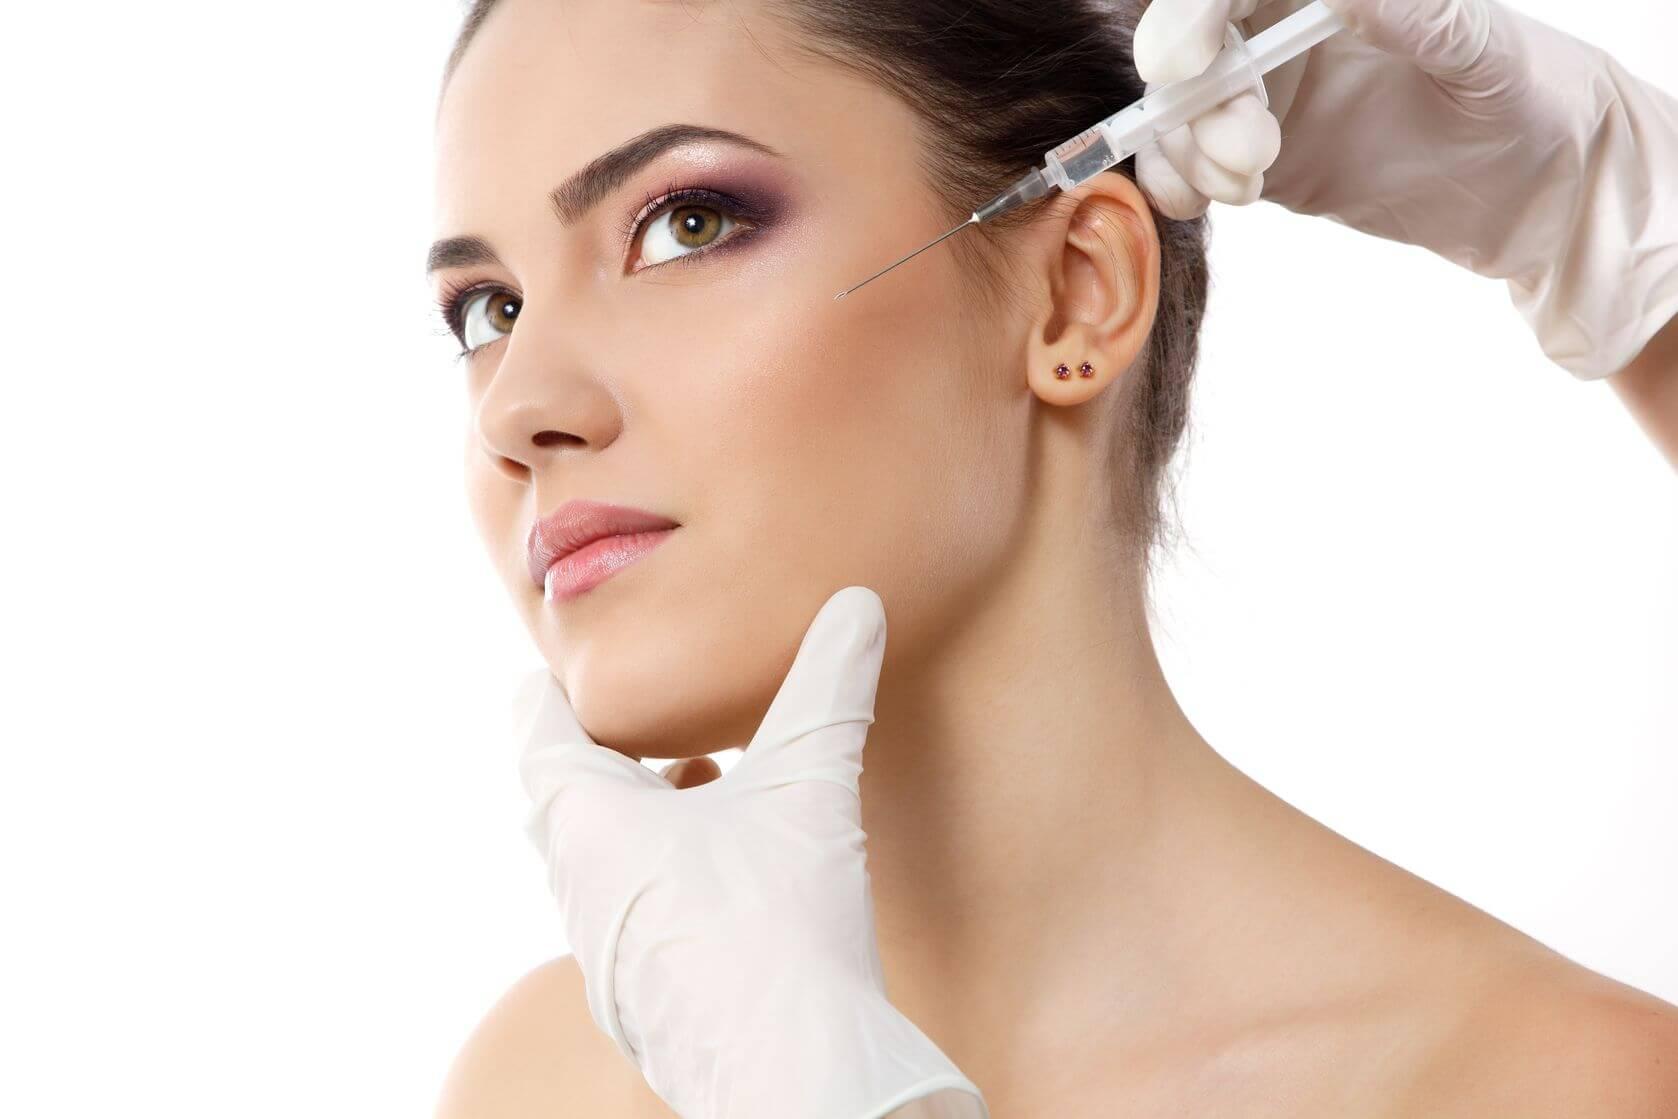 инъекционная косметология в минске